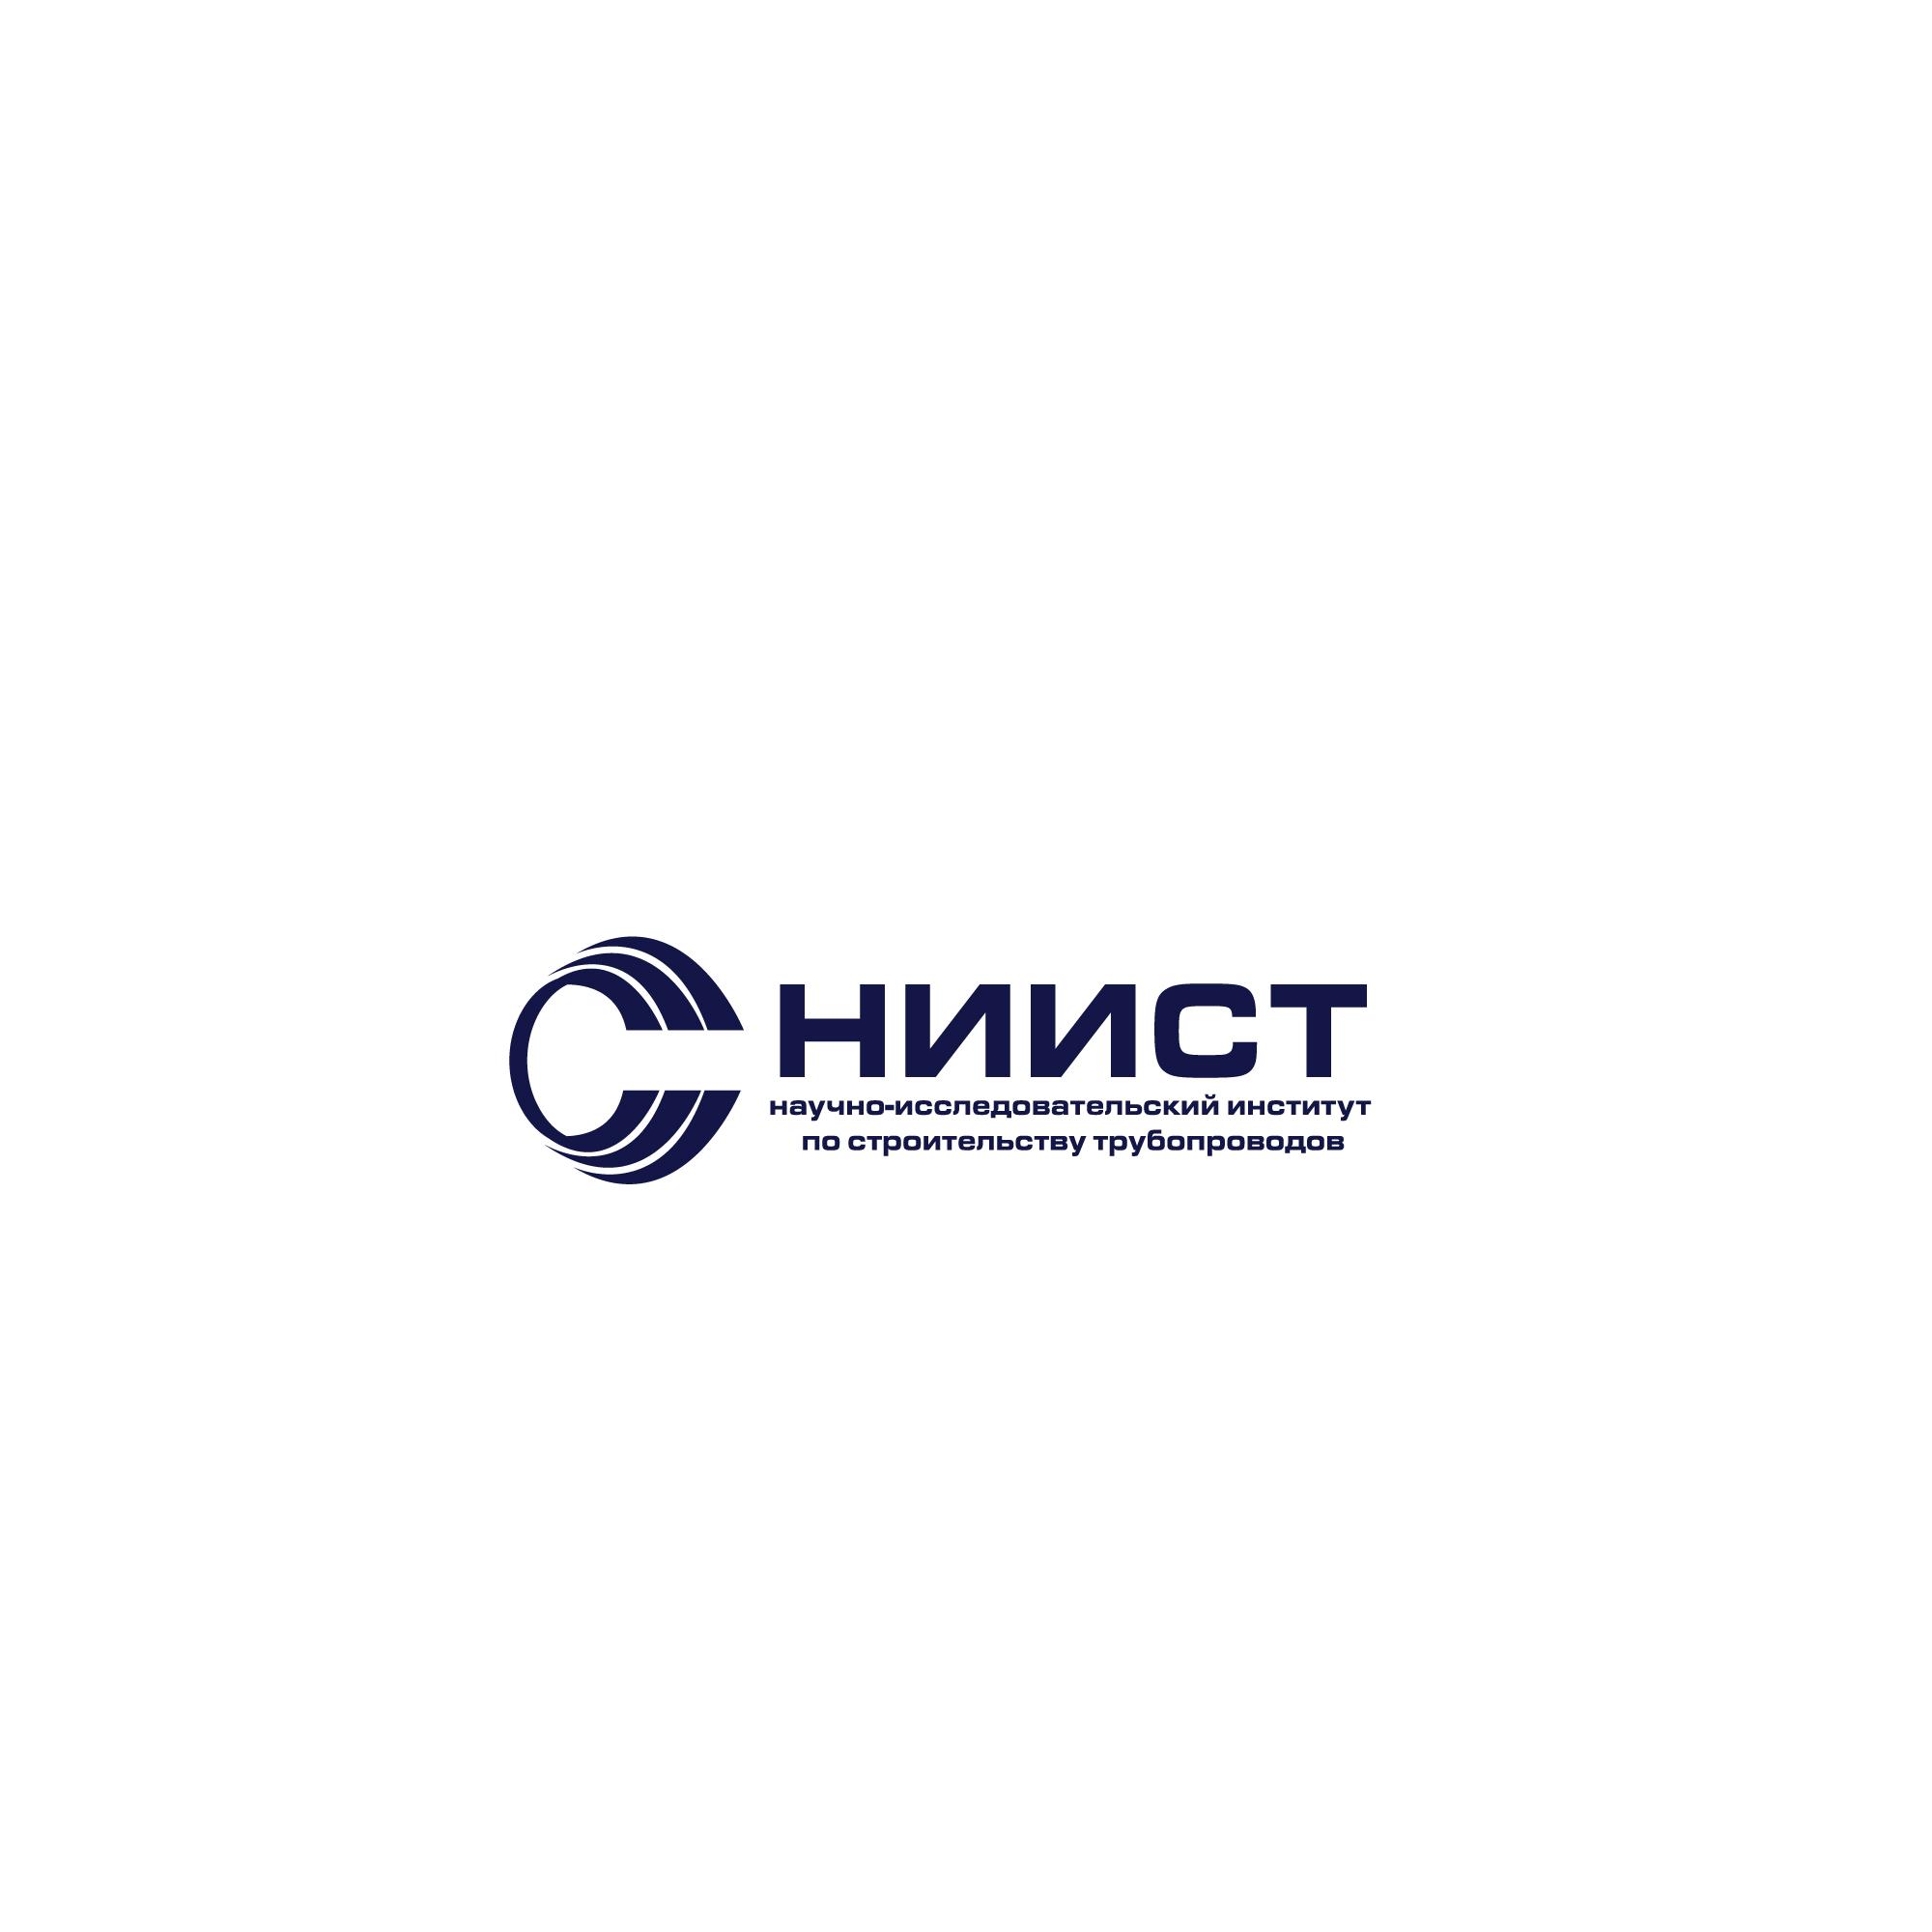 Разработка логотипа фото f_8045ba0239975581.jpg